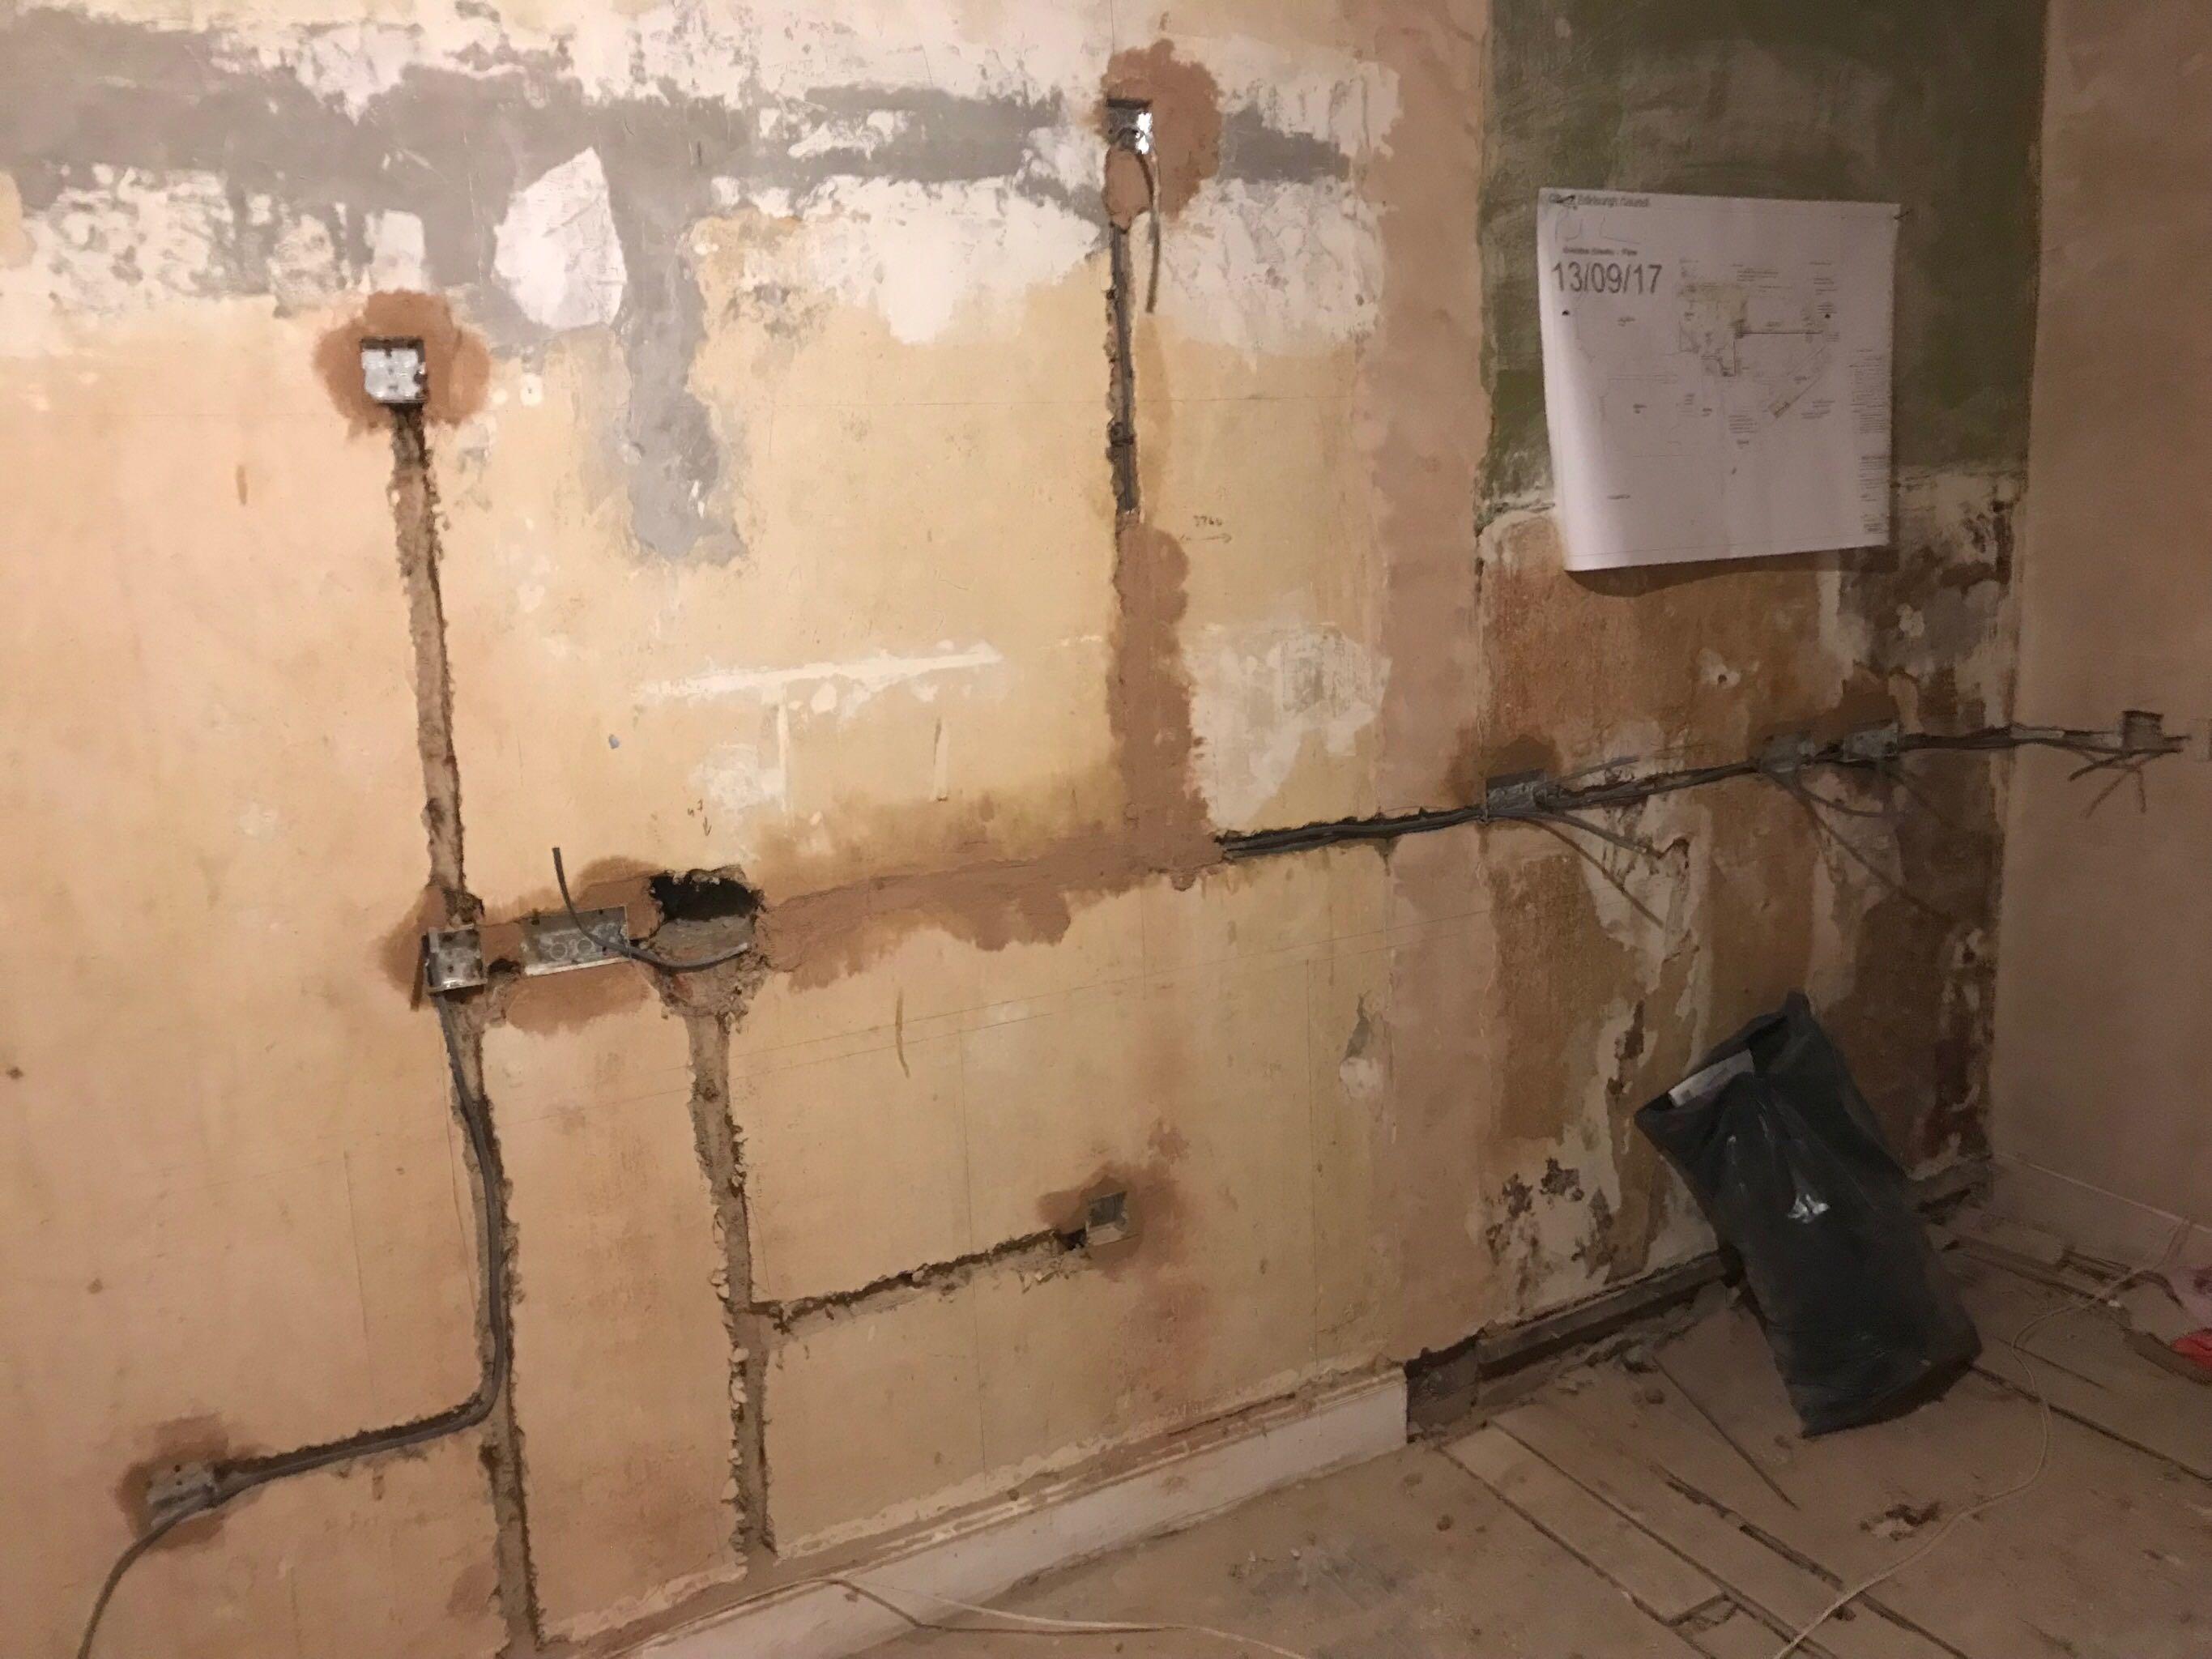 Electrician's work in progress